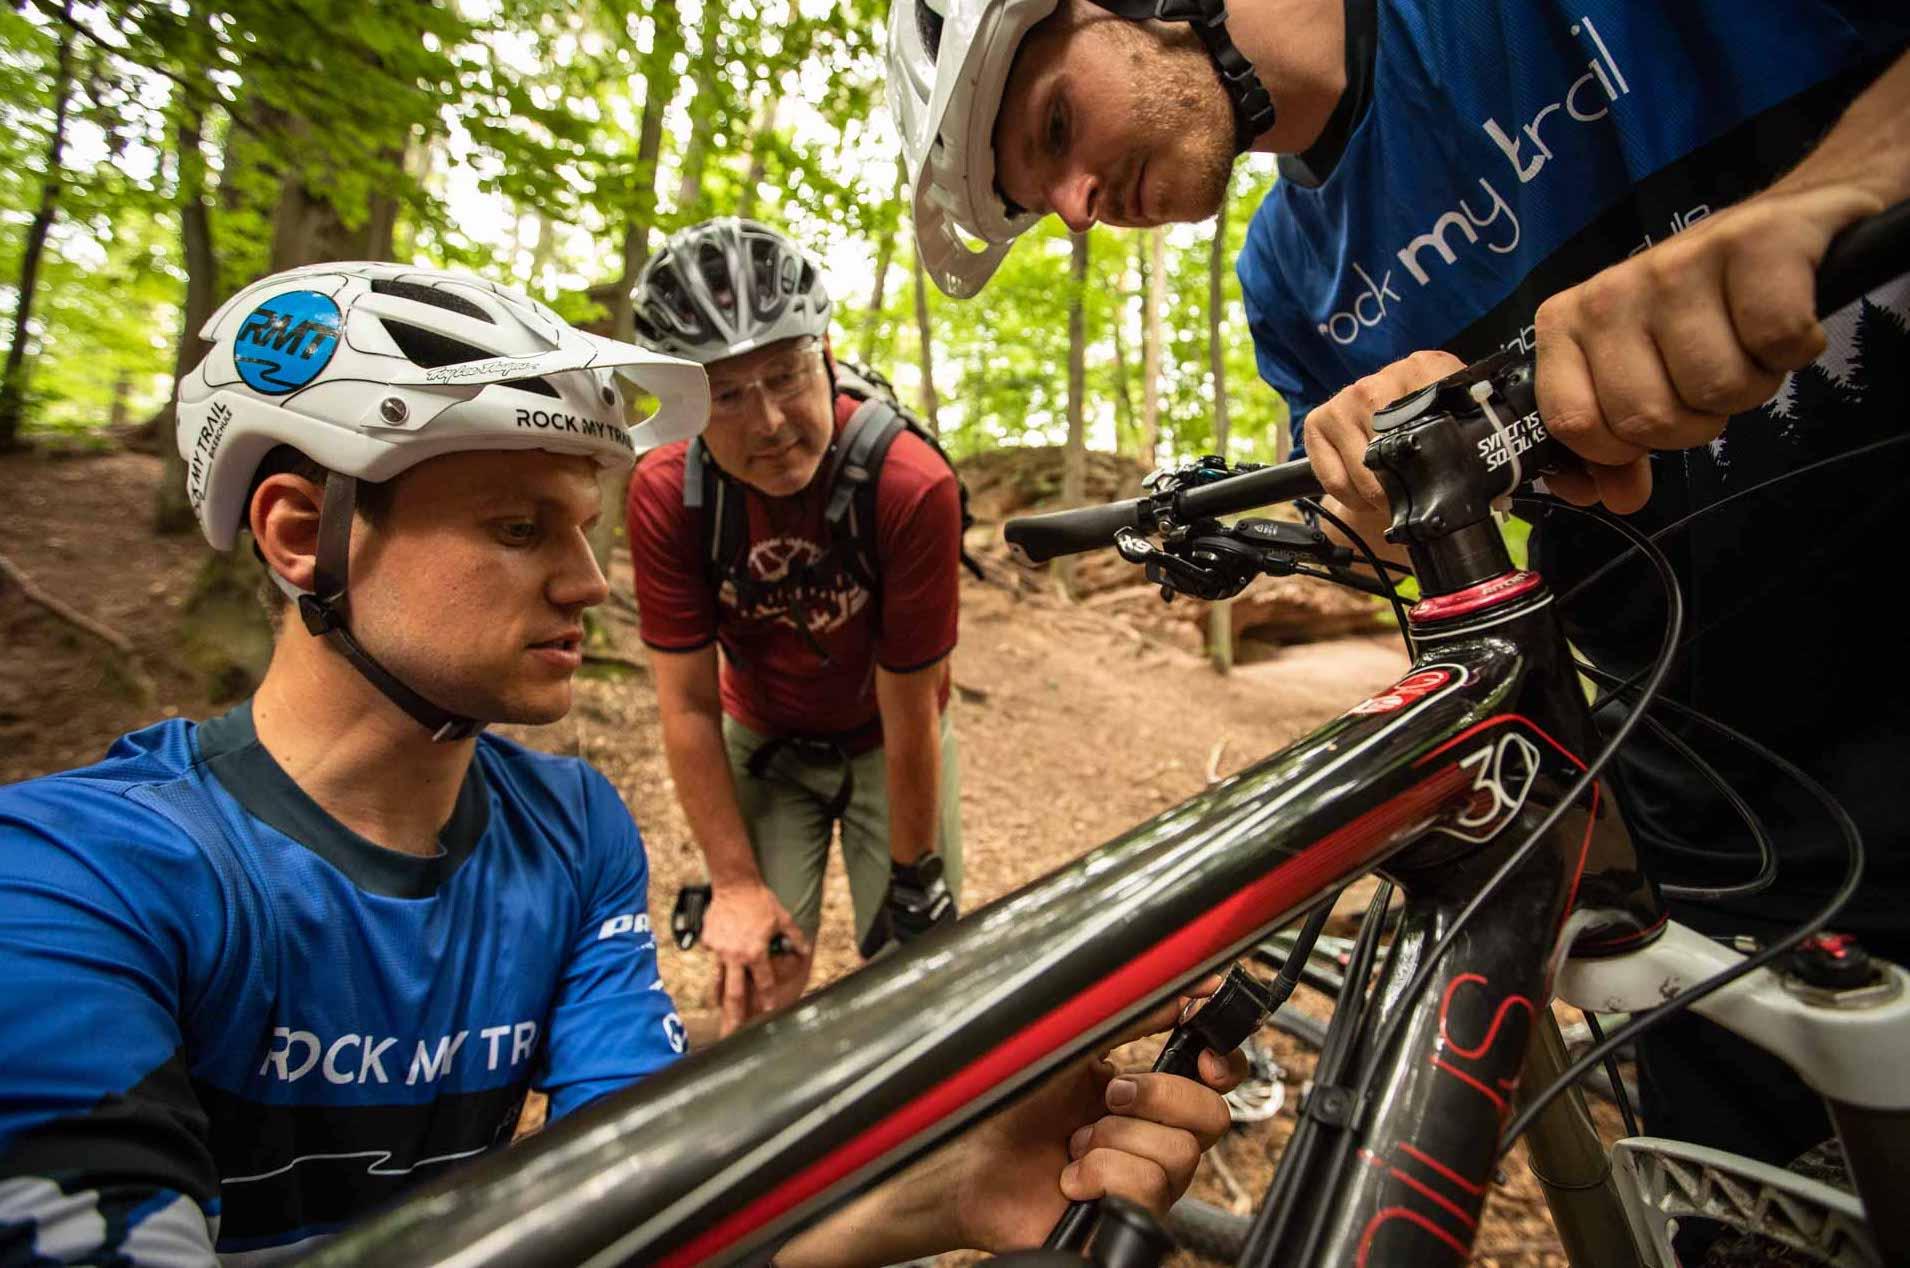 MTB Fahrtechnik Kurs für Einsteiger in Bad Orb   Spessart - Mountainbike Basic - Rock my Trail Bikeschule - 14